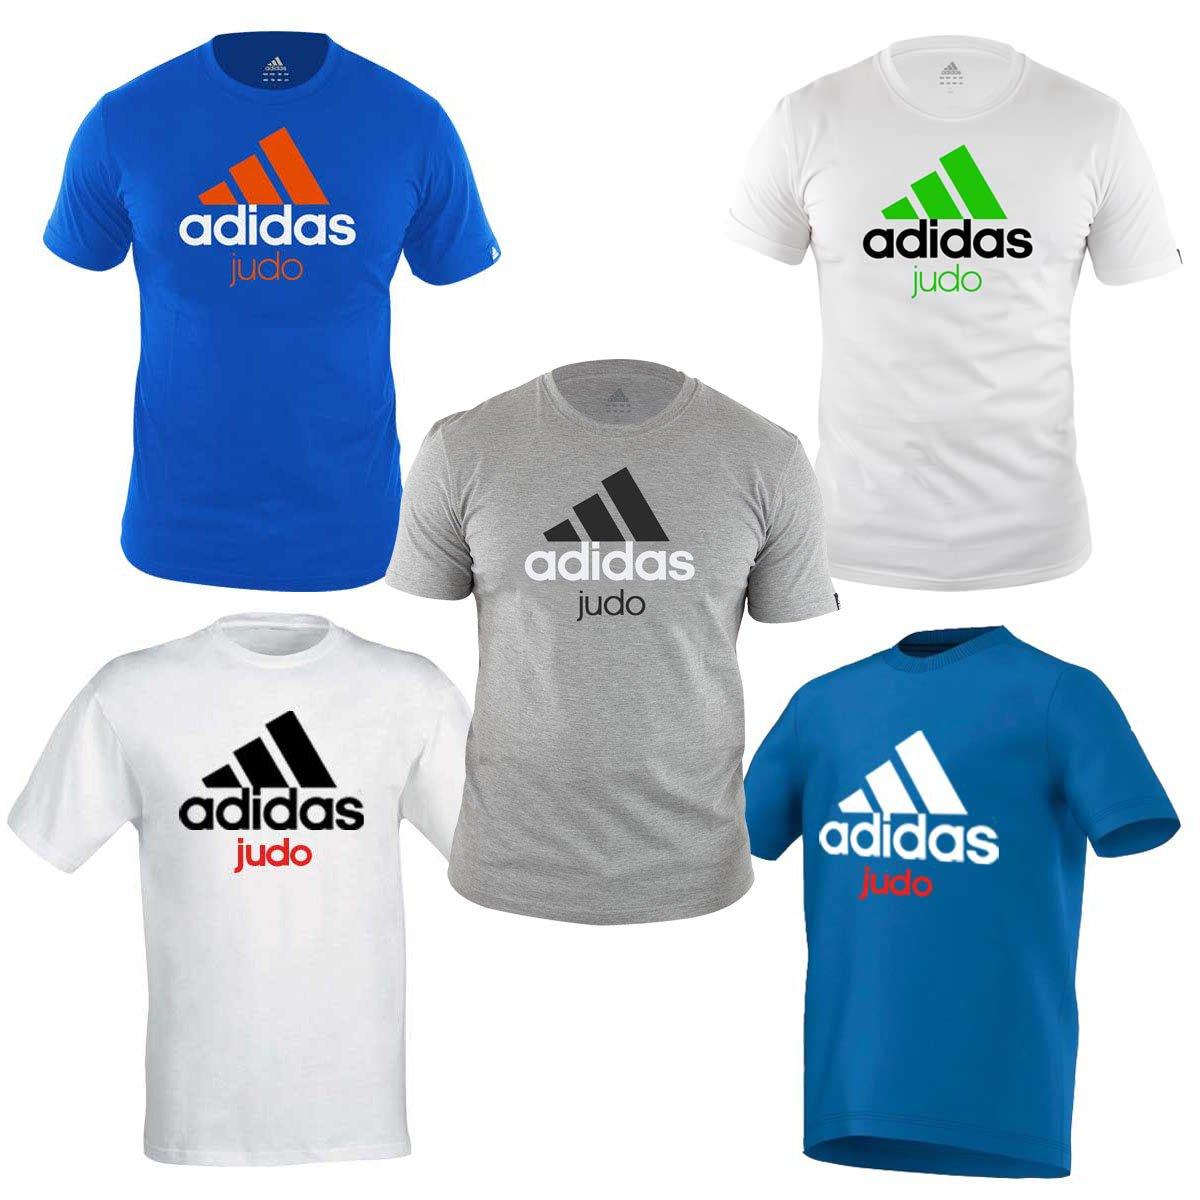 Sports uk co Amazon Shirt Outdoors Adidas T amp; Judo YCqwU7Z